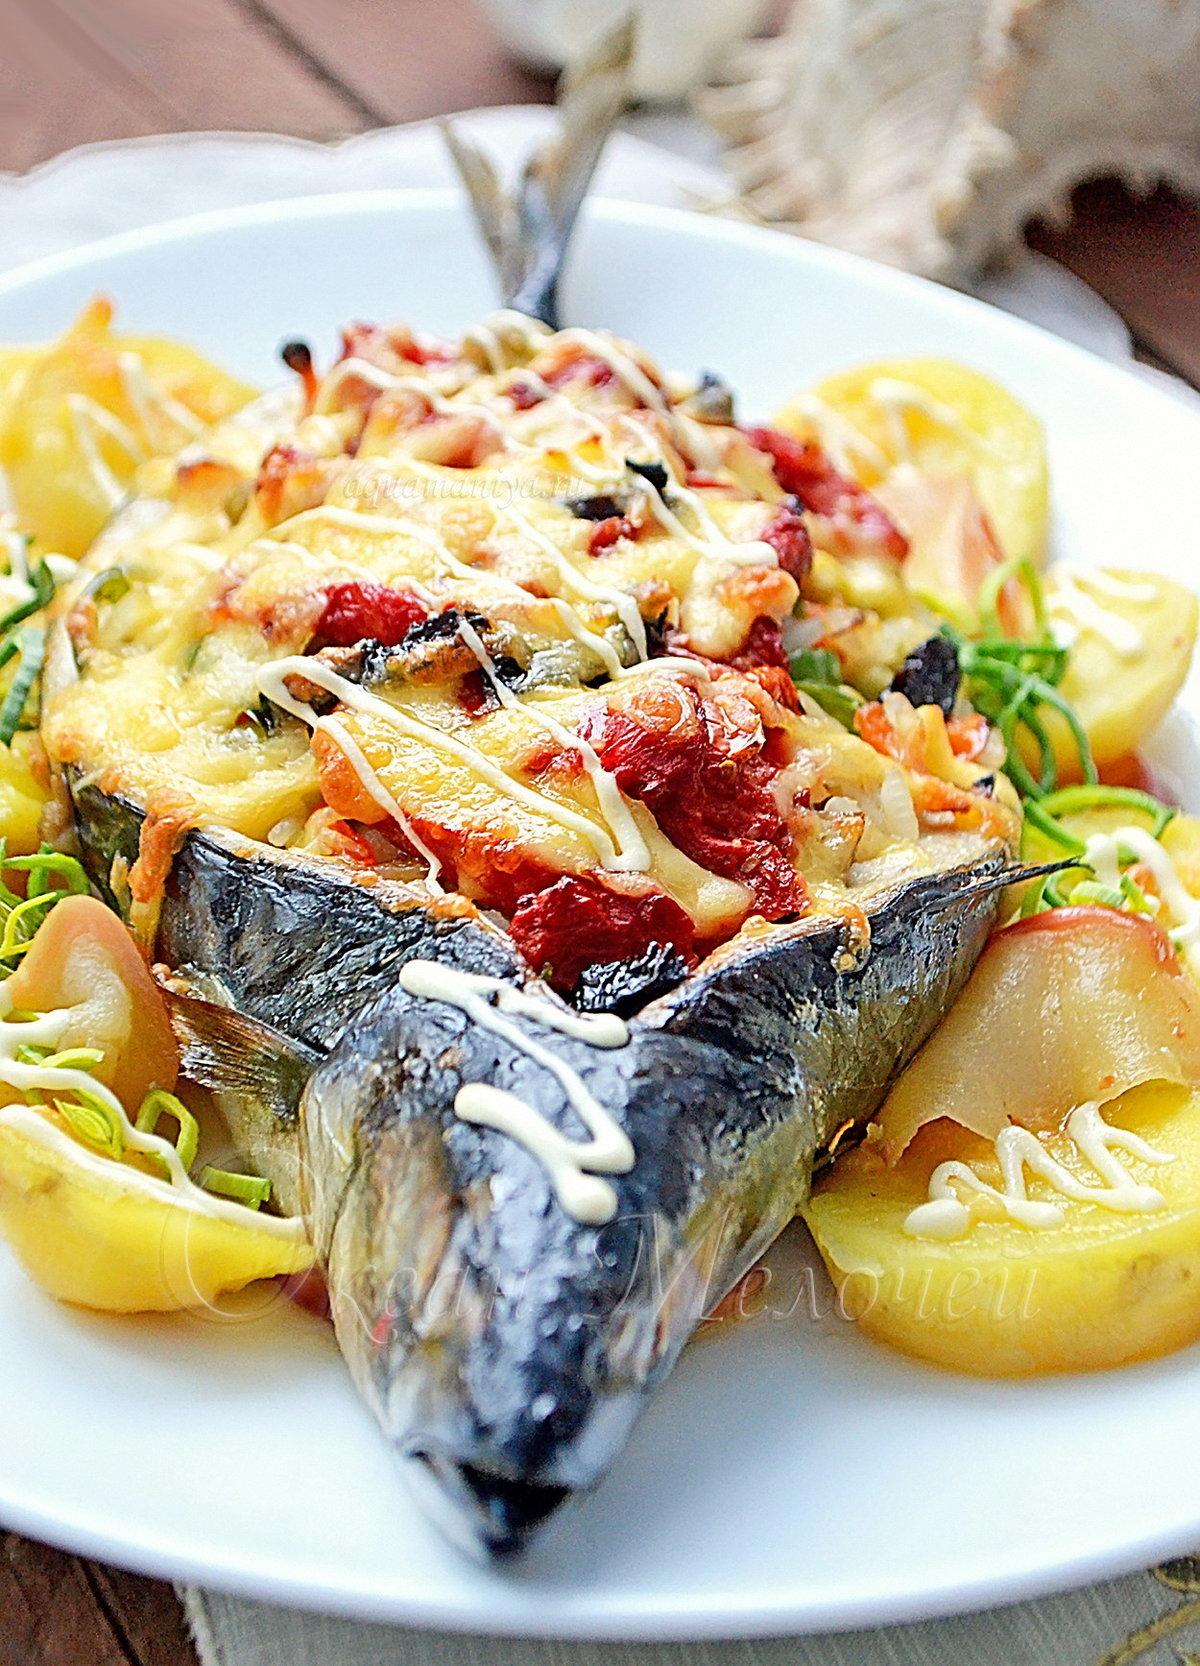 пляже ужин из рыбы рецепты с фото оре, ероприятия